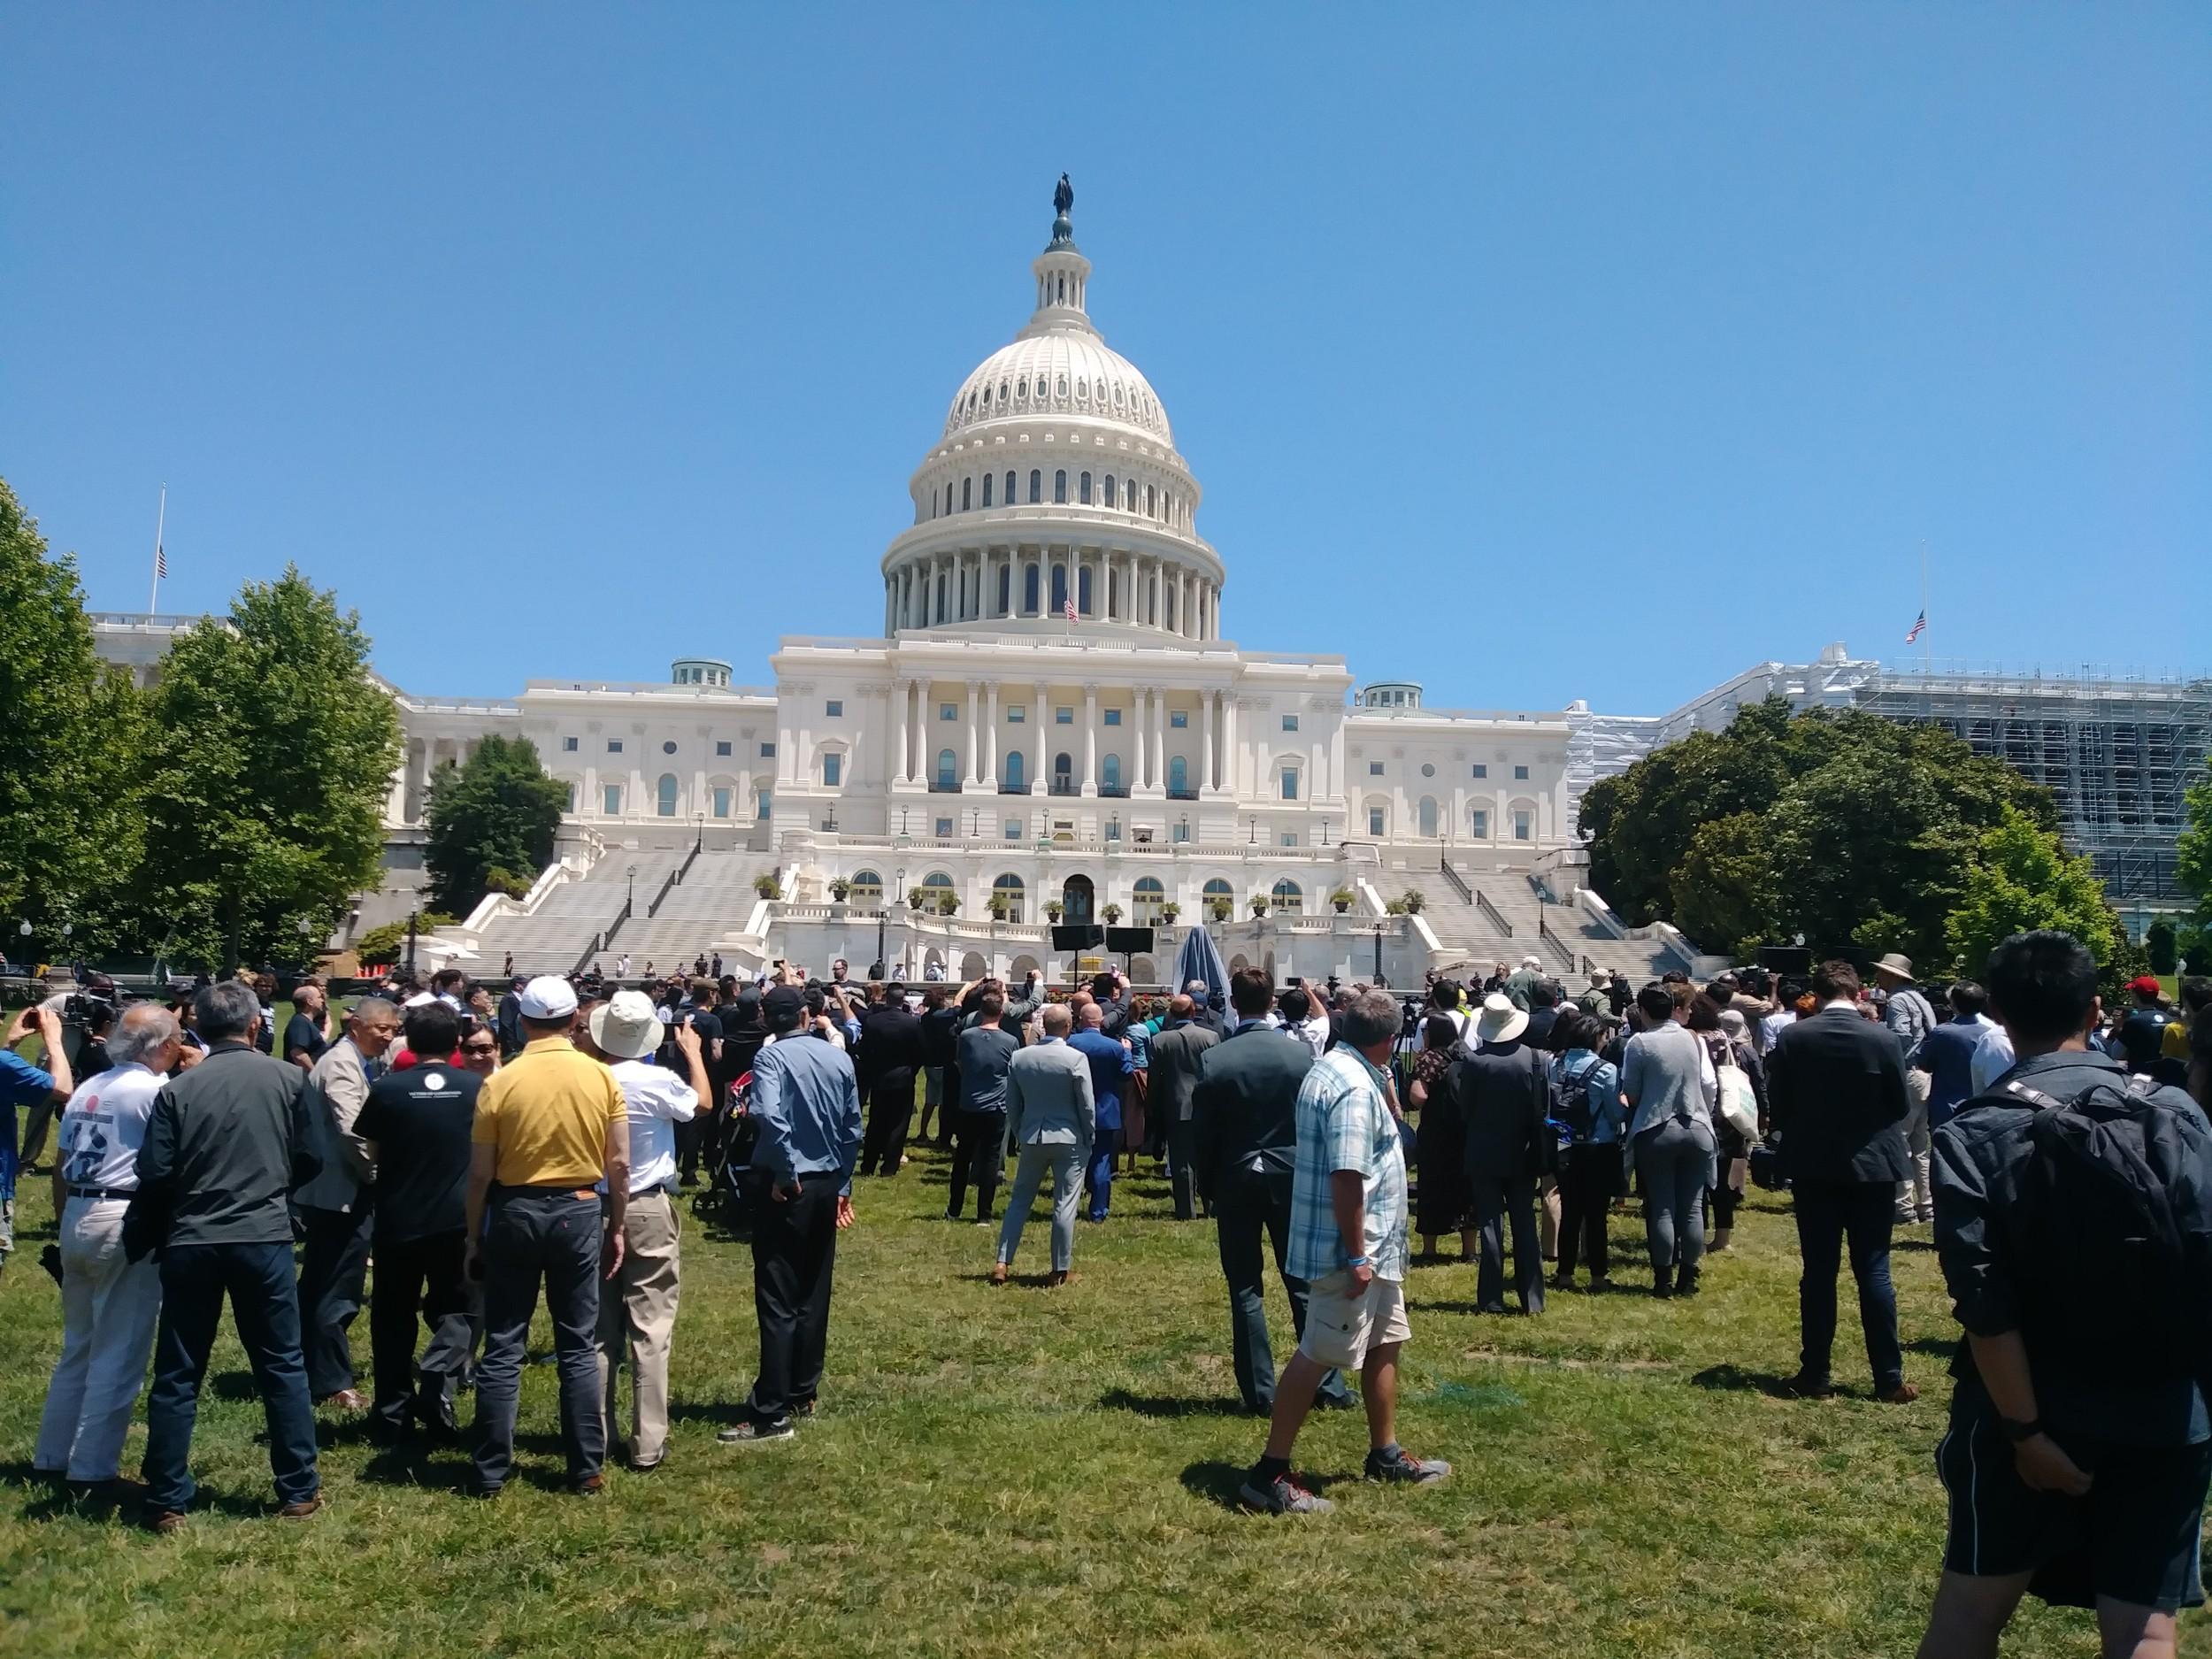 八九六四30周年华盛顿纪念会正面全景。这个活动由中国公民力量最先发起,有众多中美人权团体参加。(北明拍摄)